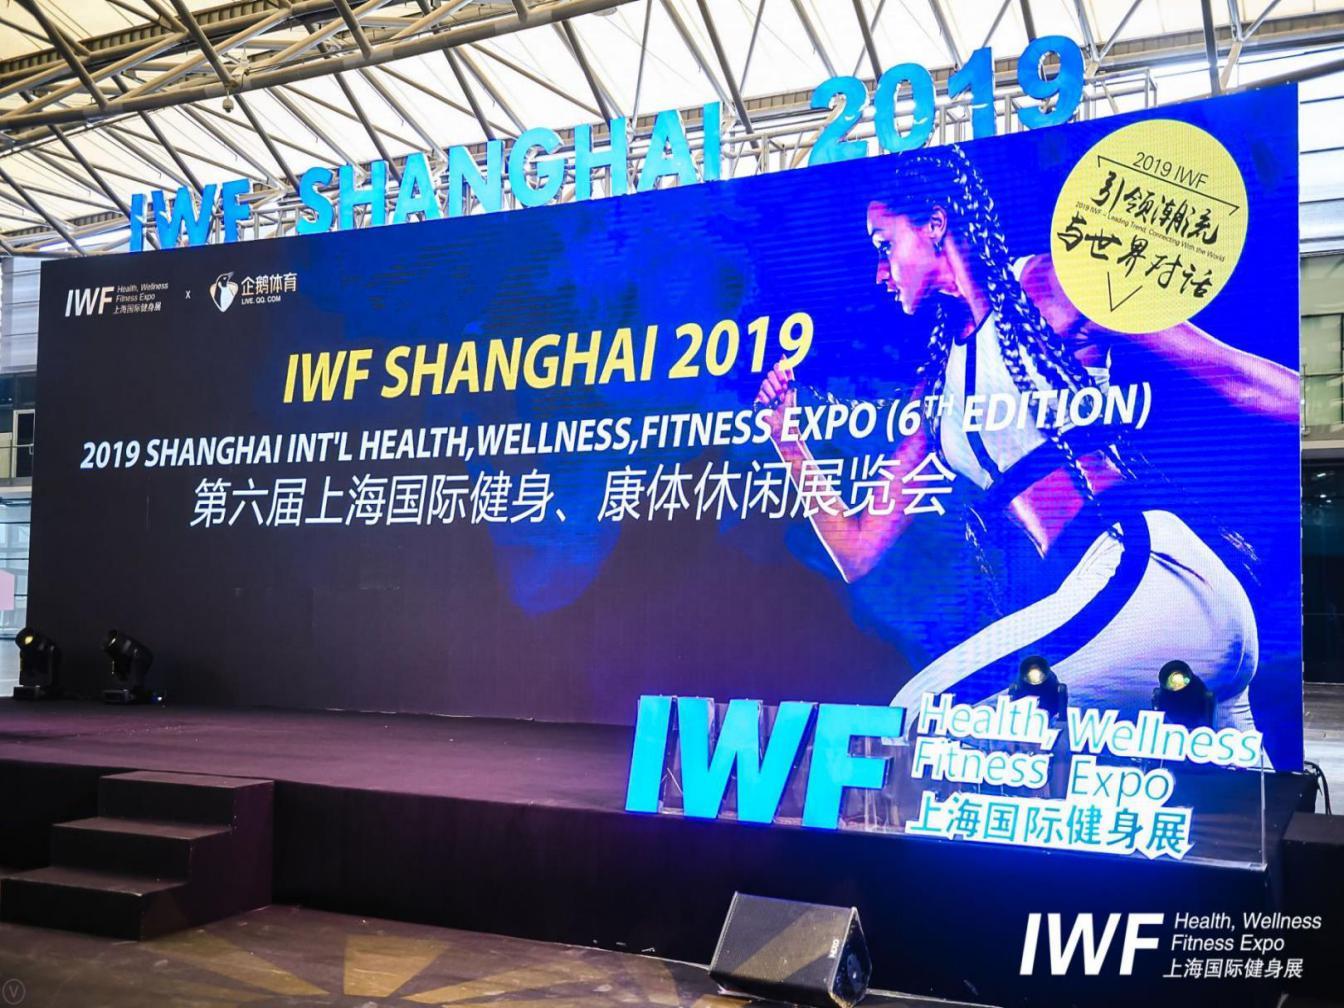 用创新引领潮流,凭视野对话世界,2019 IWF圆满落幕!